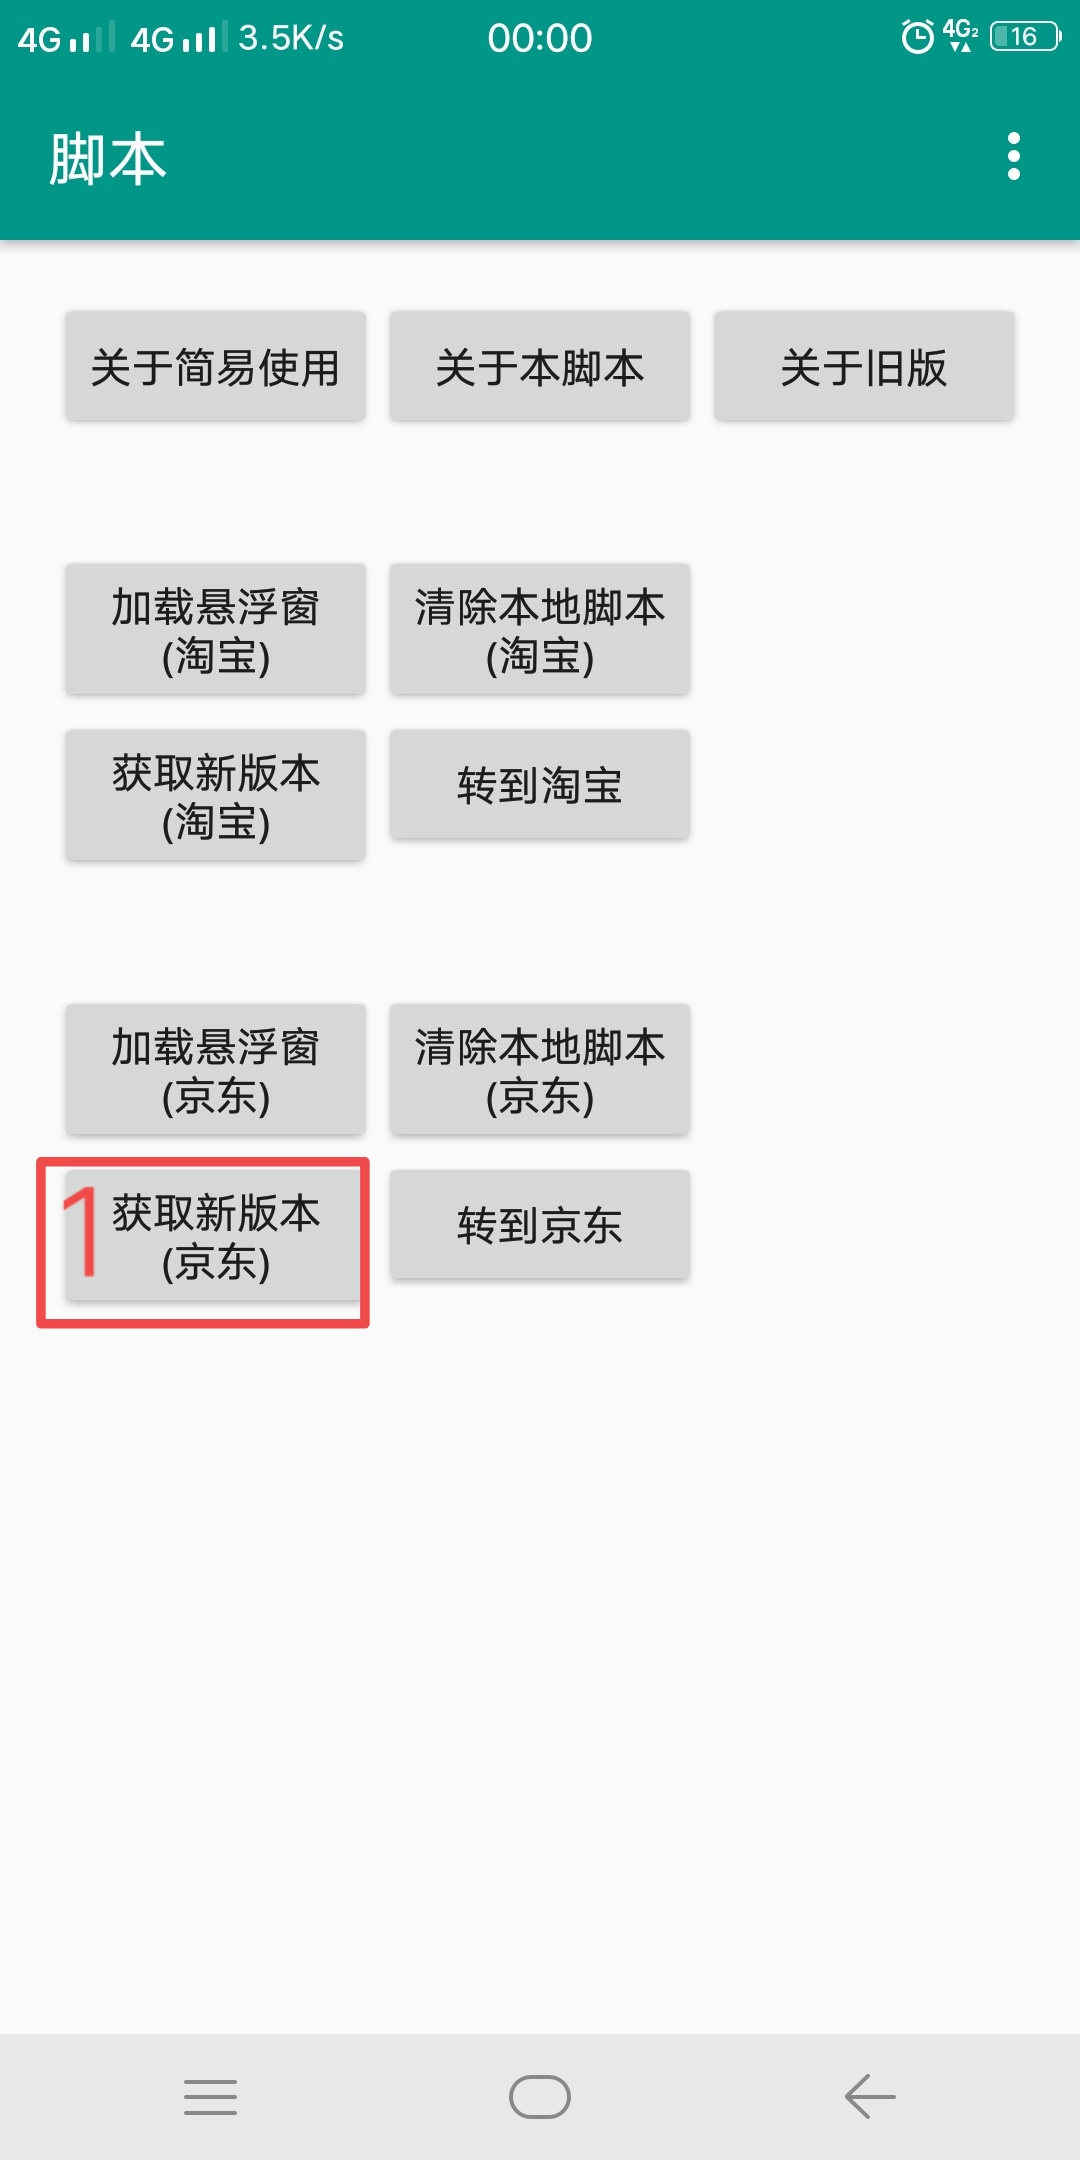 【资源分享】淘宝京东逛v2.0 最新618活动自动做任务神器绿色